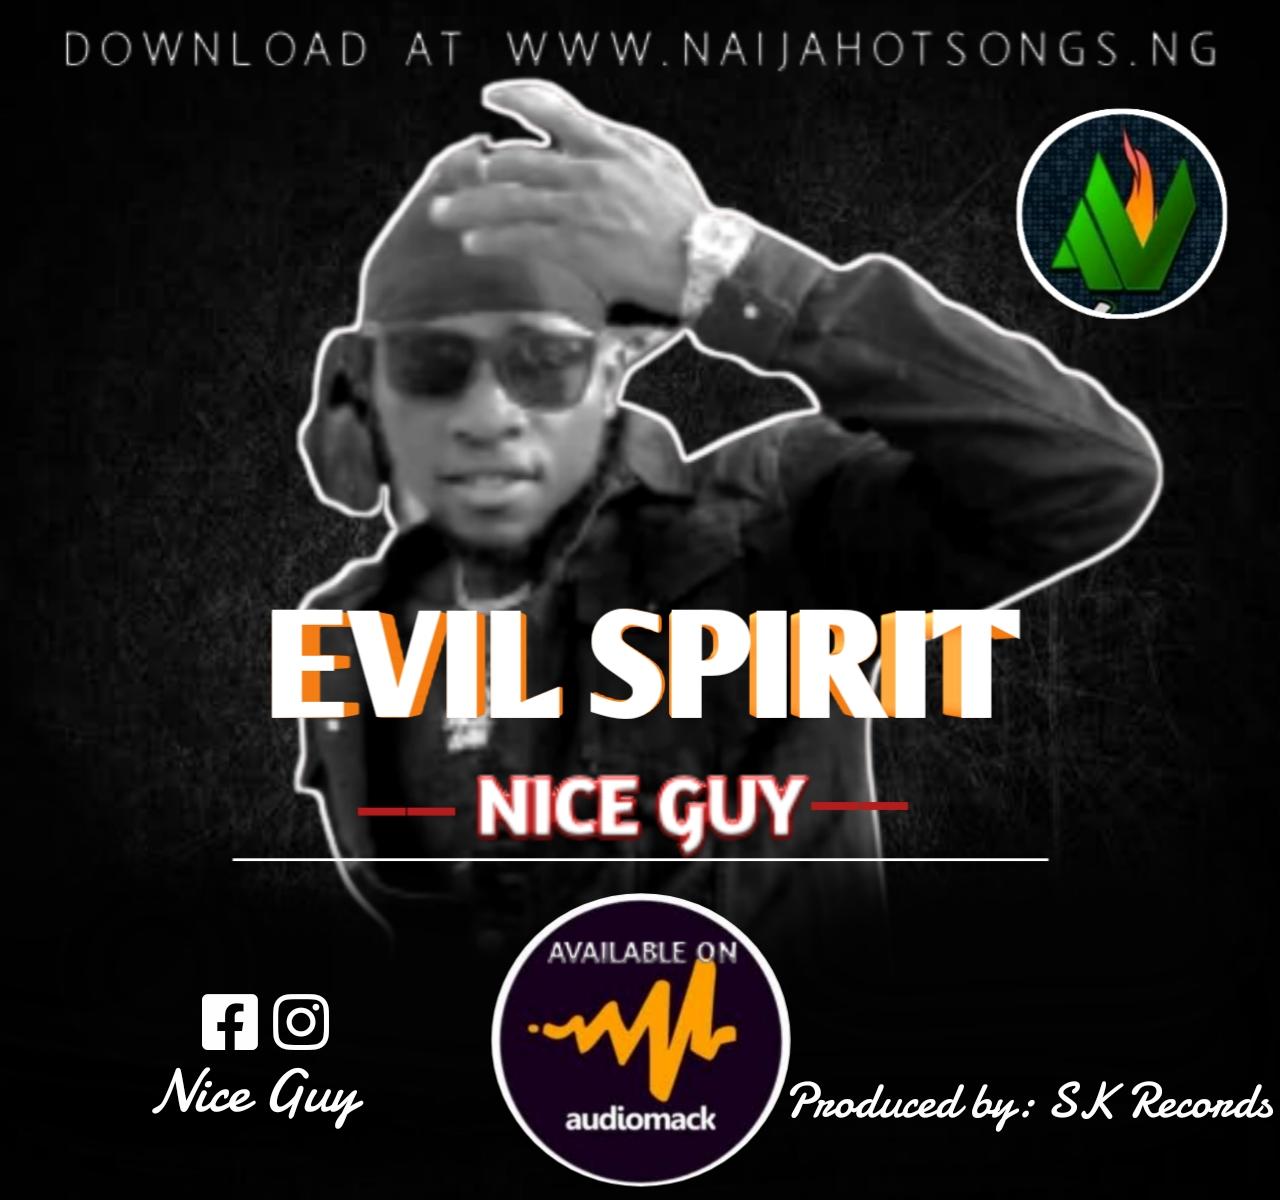 Nice guy, evil spirit